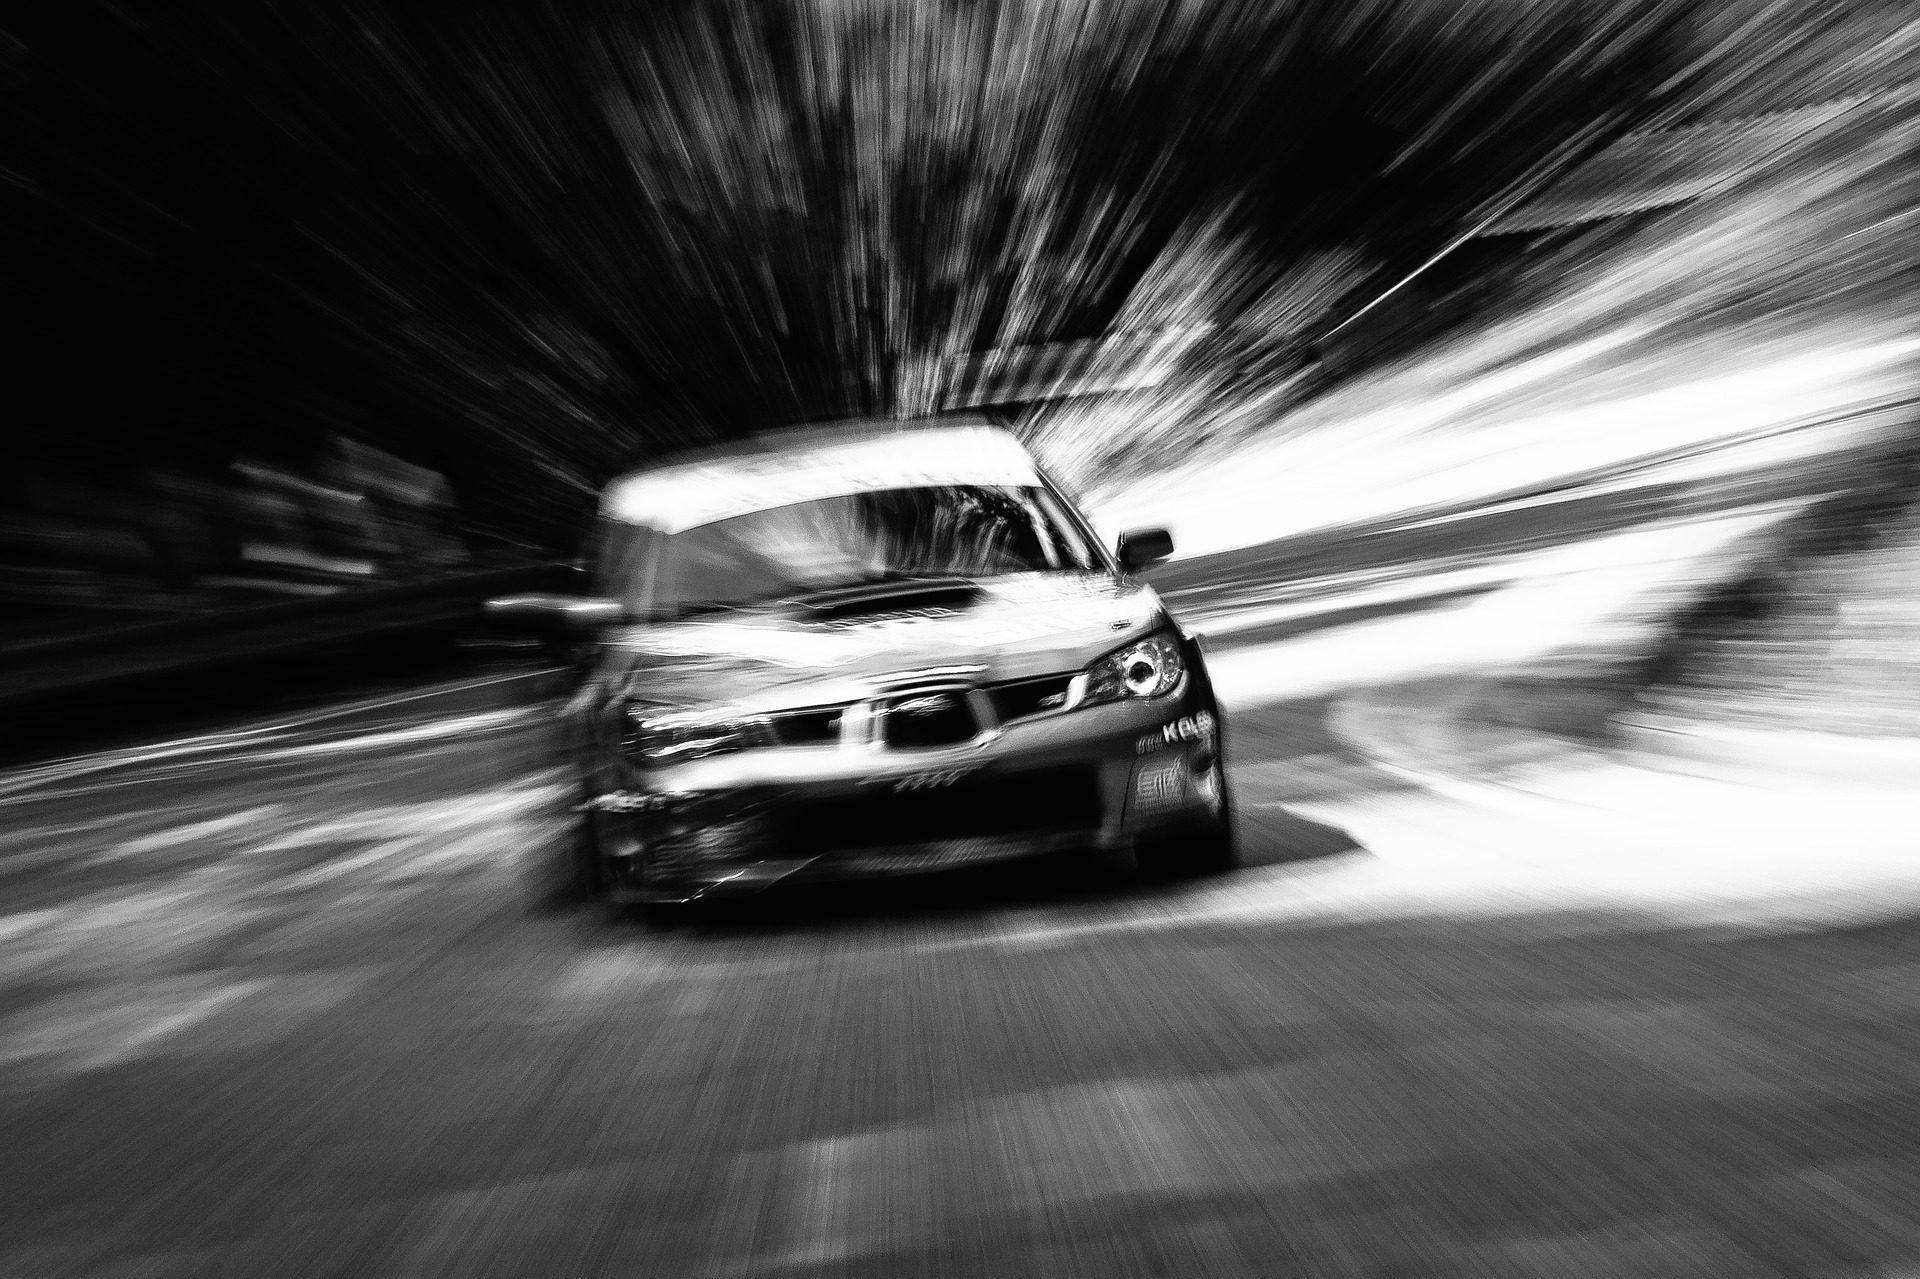 voiture, carrière, concours, sport, Vitesse, en noir et blanc - Fonds d'écran HD - Professor-falken.com